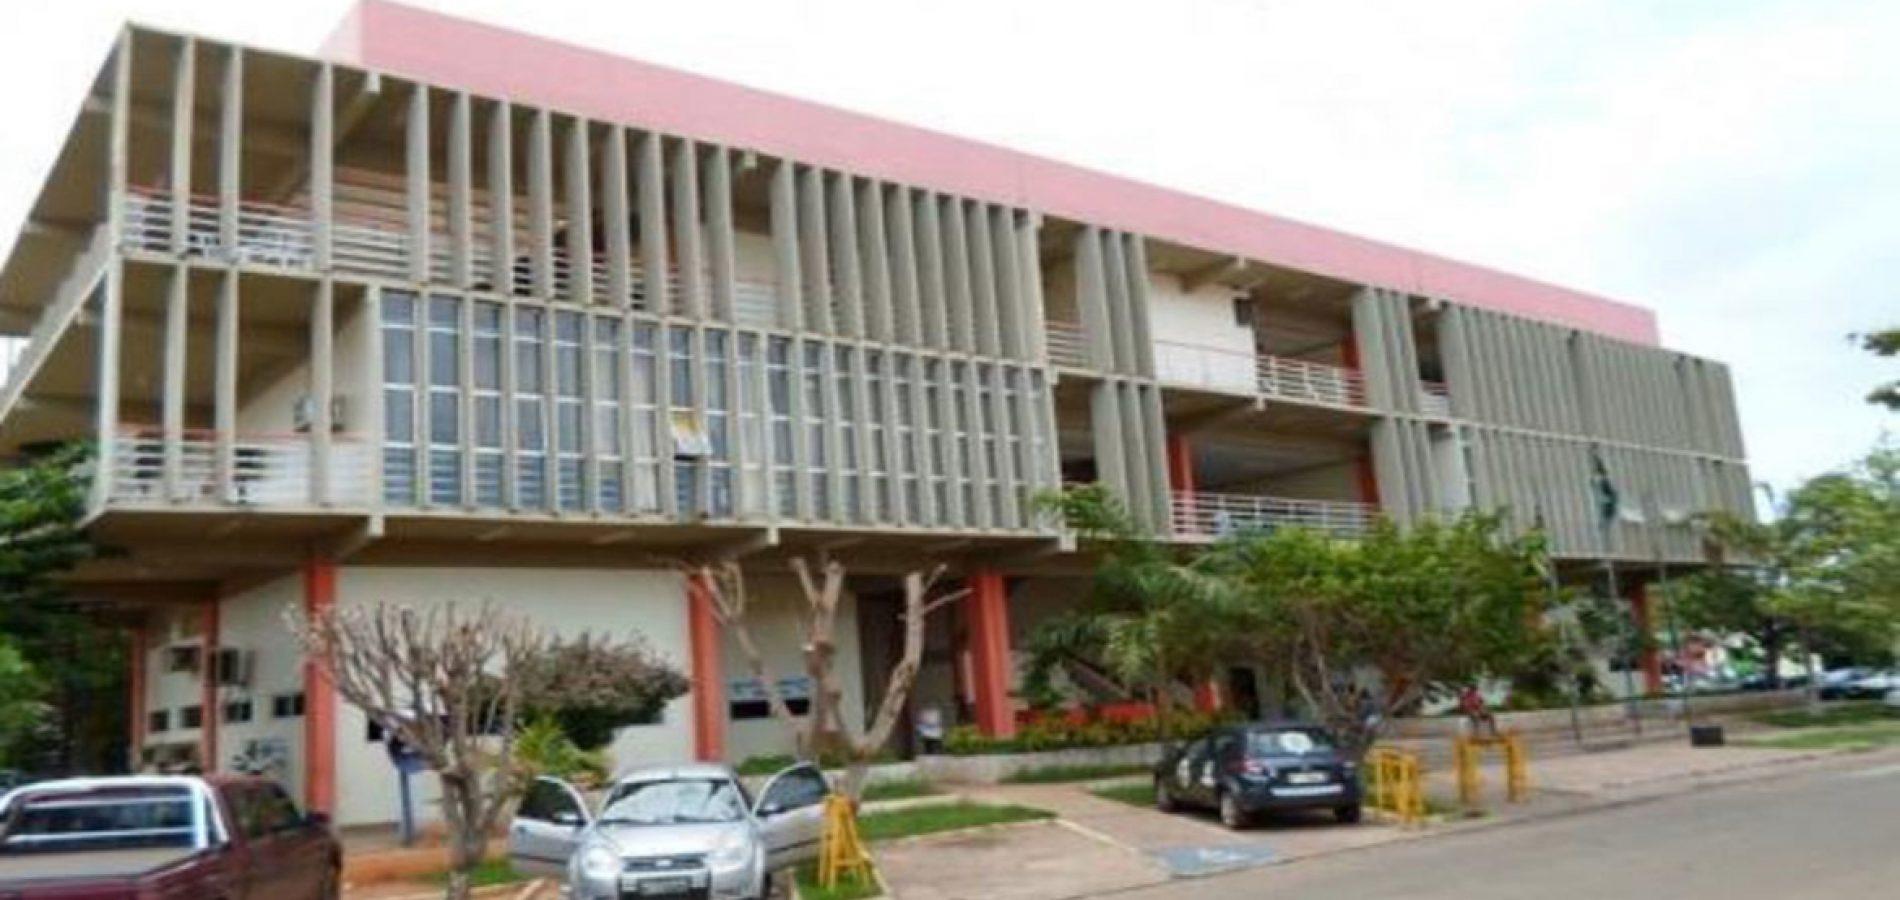 Prefeitura de Picos aguarda relatório ambiental para explorar aterro sanitário